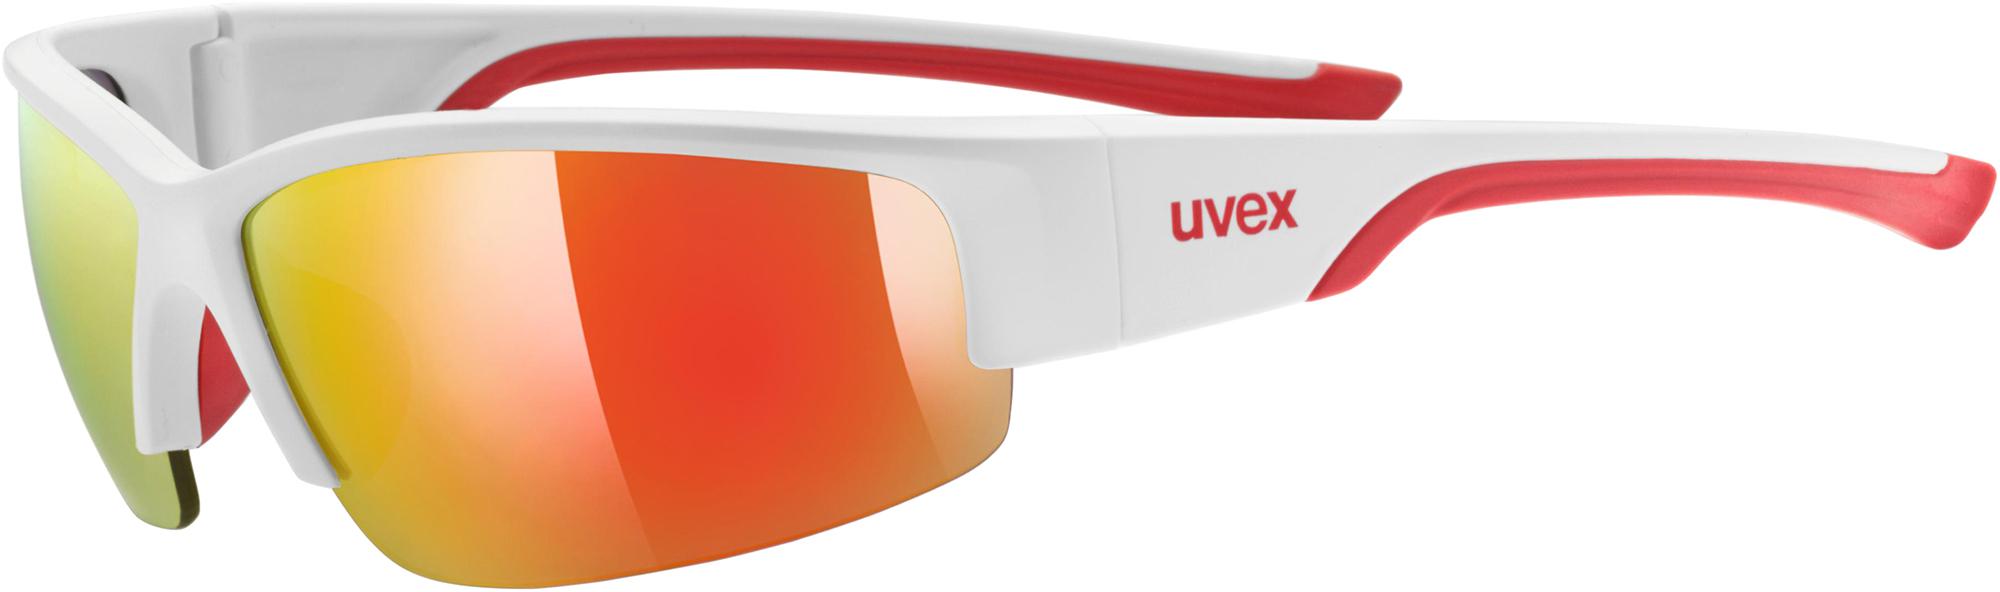 Uvex Солнцезащитные очки Uvex Sportstyle 215